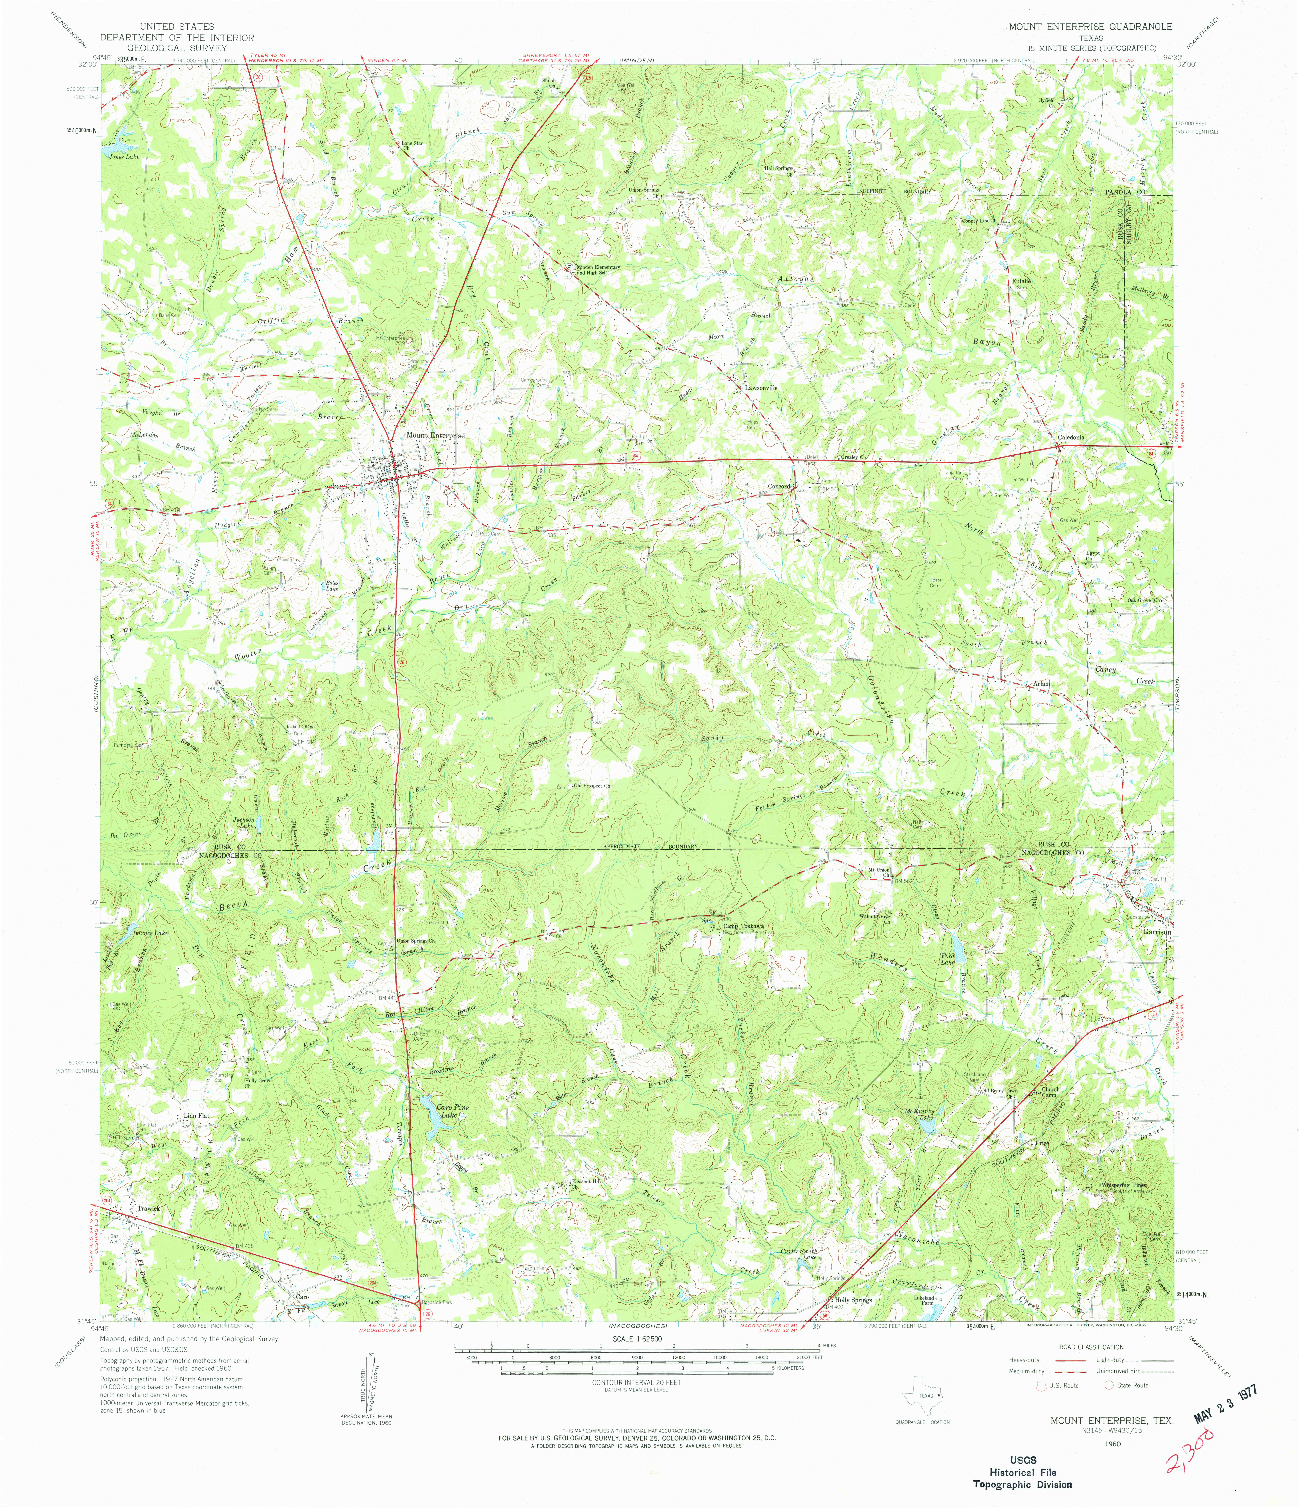 USGS 1:62500-SCALE QUADRANGLE FOR MOUNT ENTERPRISE, TX 1960